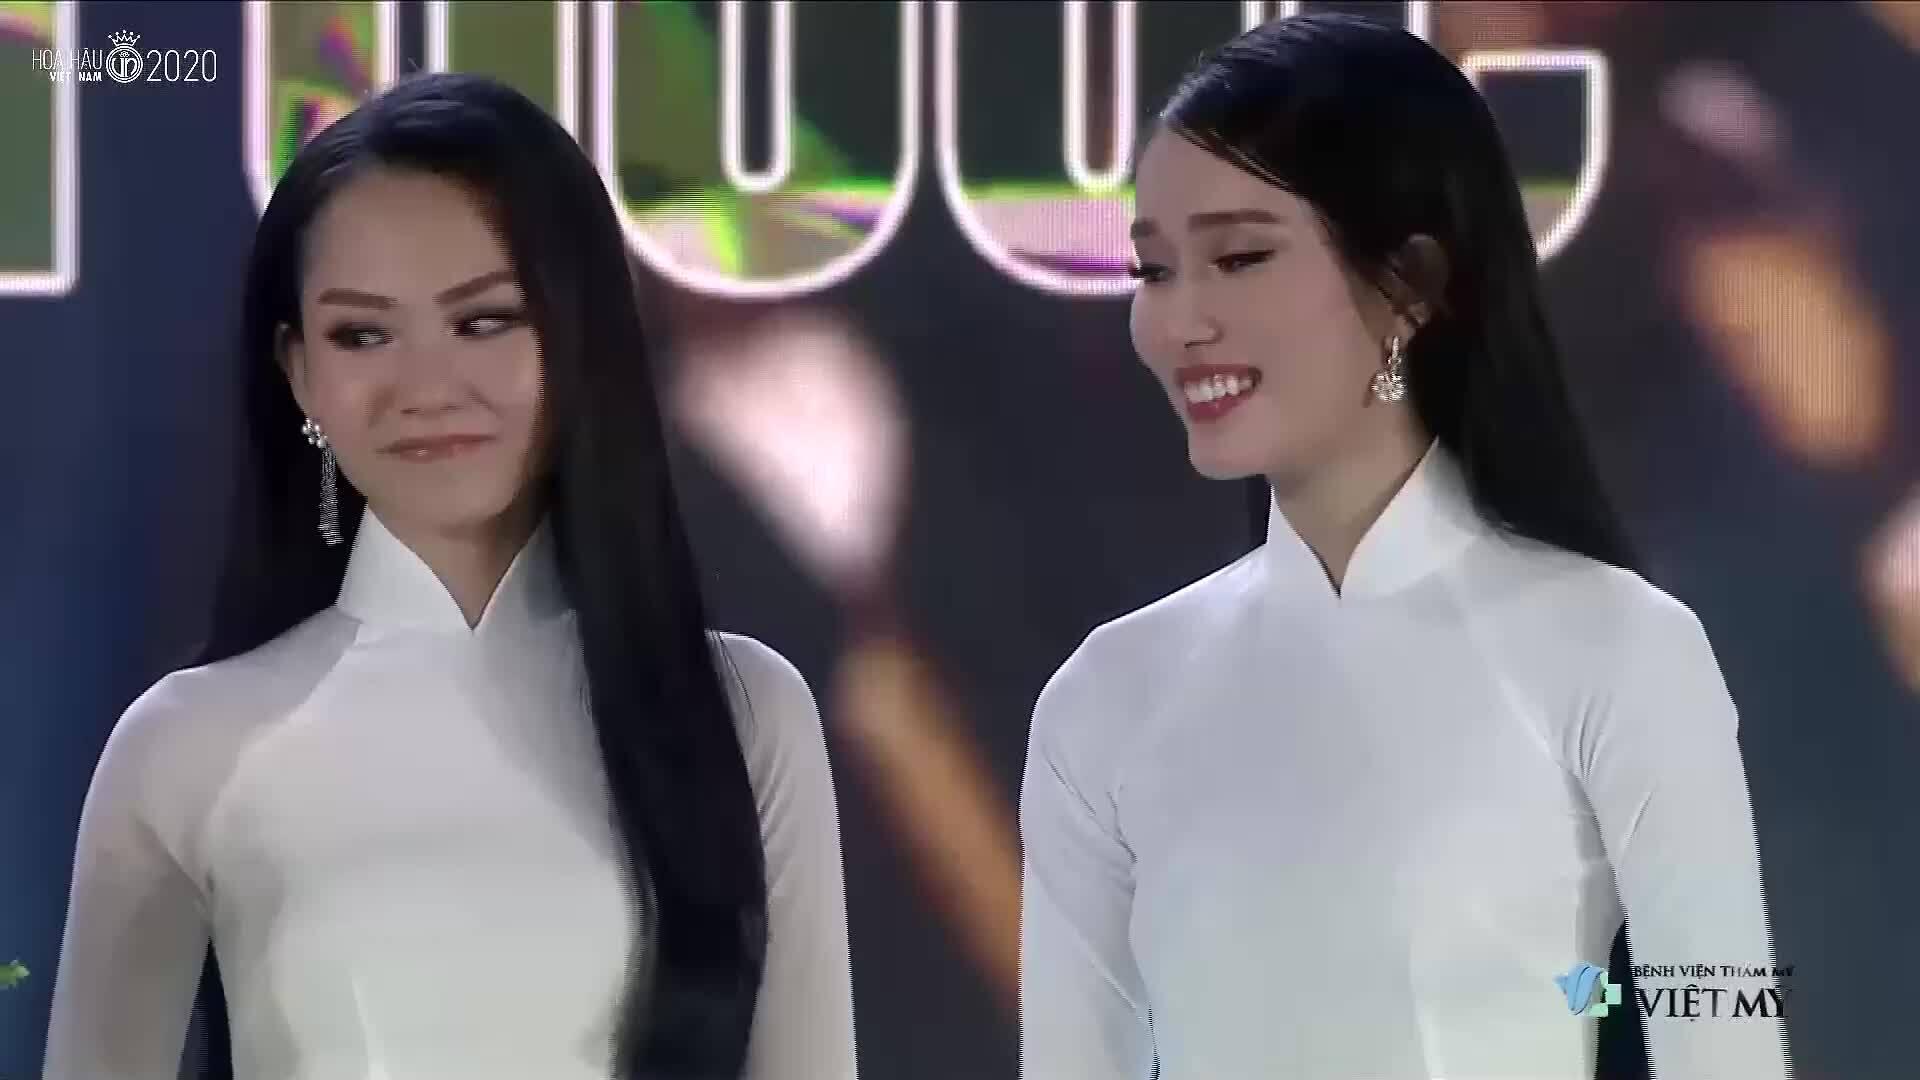 Á hậu 1 và Á hậu 2 Hoa hậu Việt Nam 2020